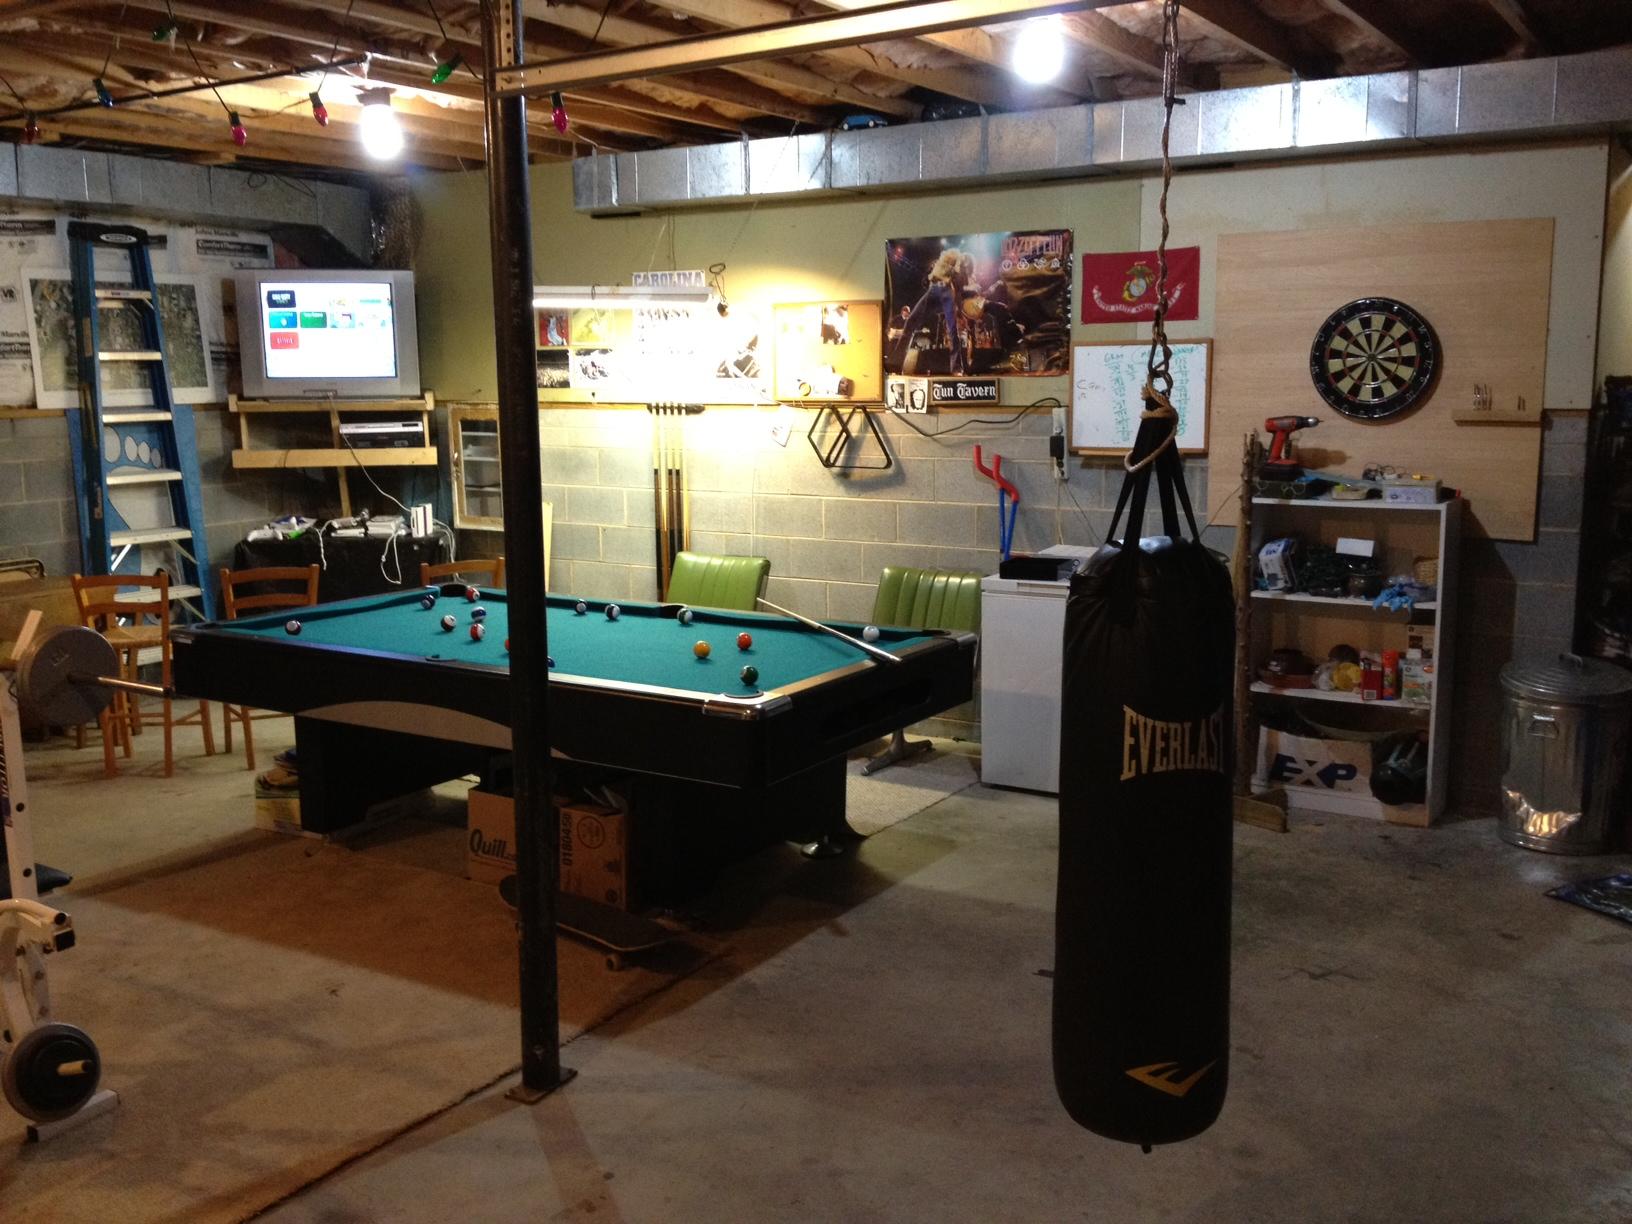 Superb Pool Table Garage Photos Brokeasshome Com